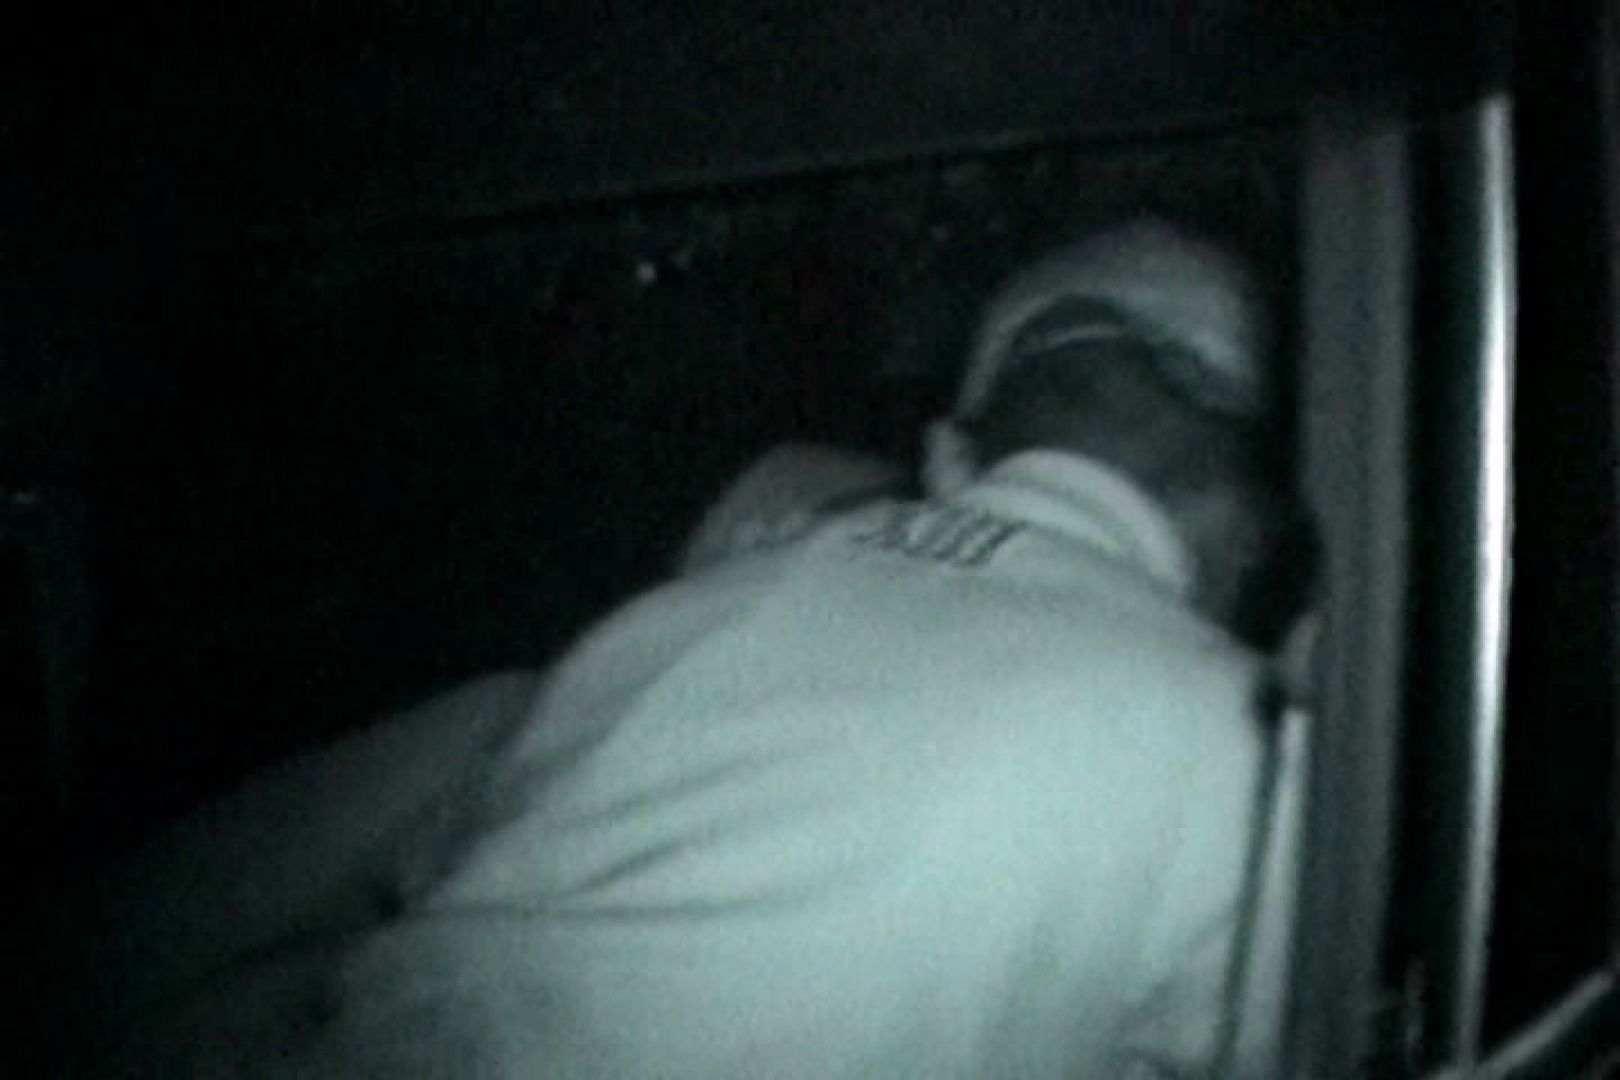 充血監督の深夜の運動会Vol.137 マンコ AV無料動画キャプチャ 98pic 44